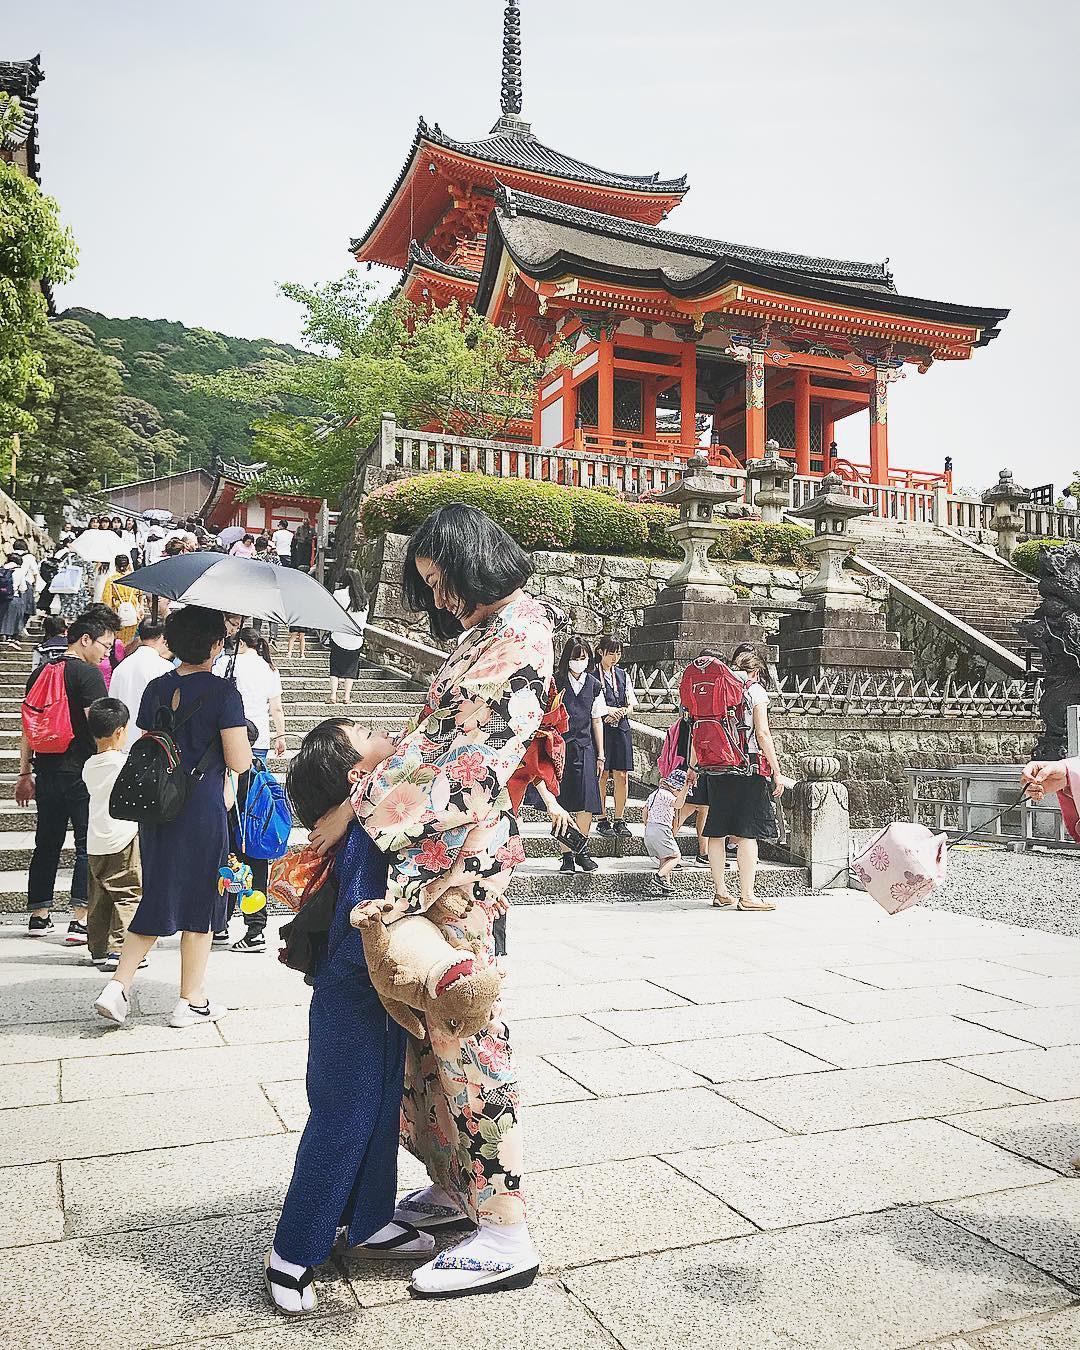 So sánh tour du lịch 5 ngày 4 đêm ngắm lá mùa thu tại Nhật Bản - Ảnh 6.